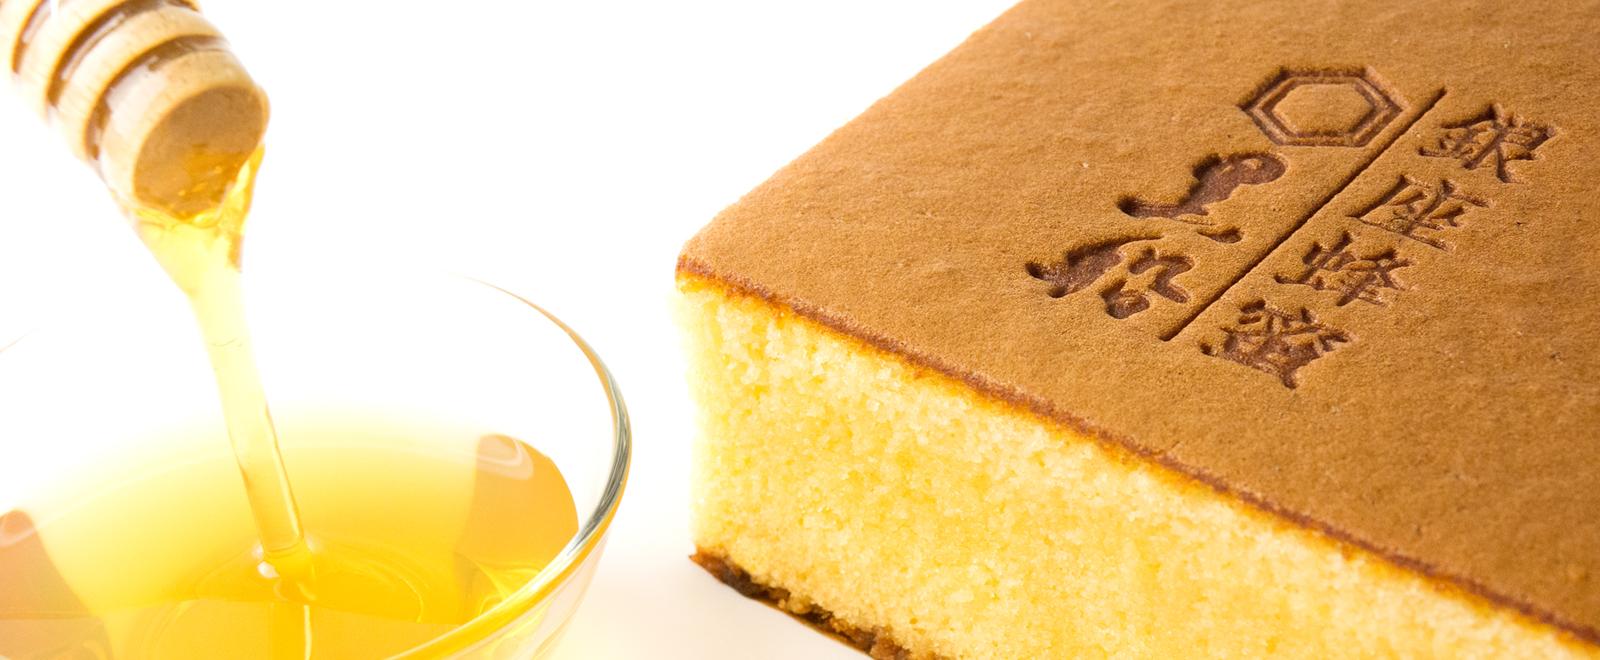 銀座蜂蜜カステラ 商品写真